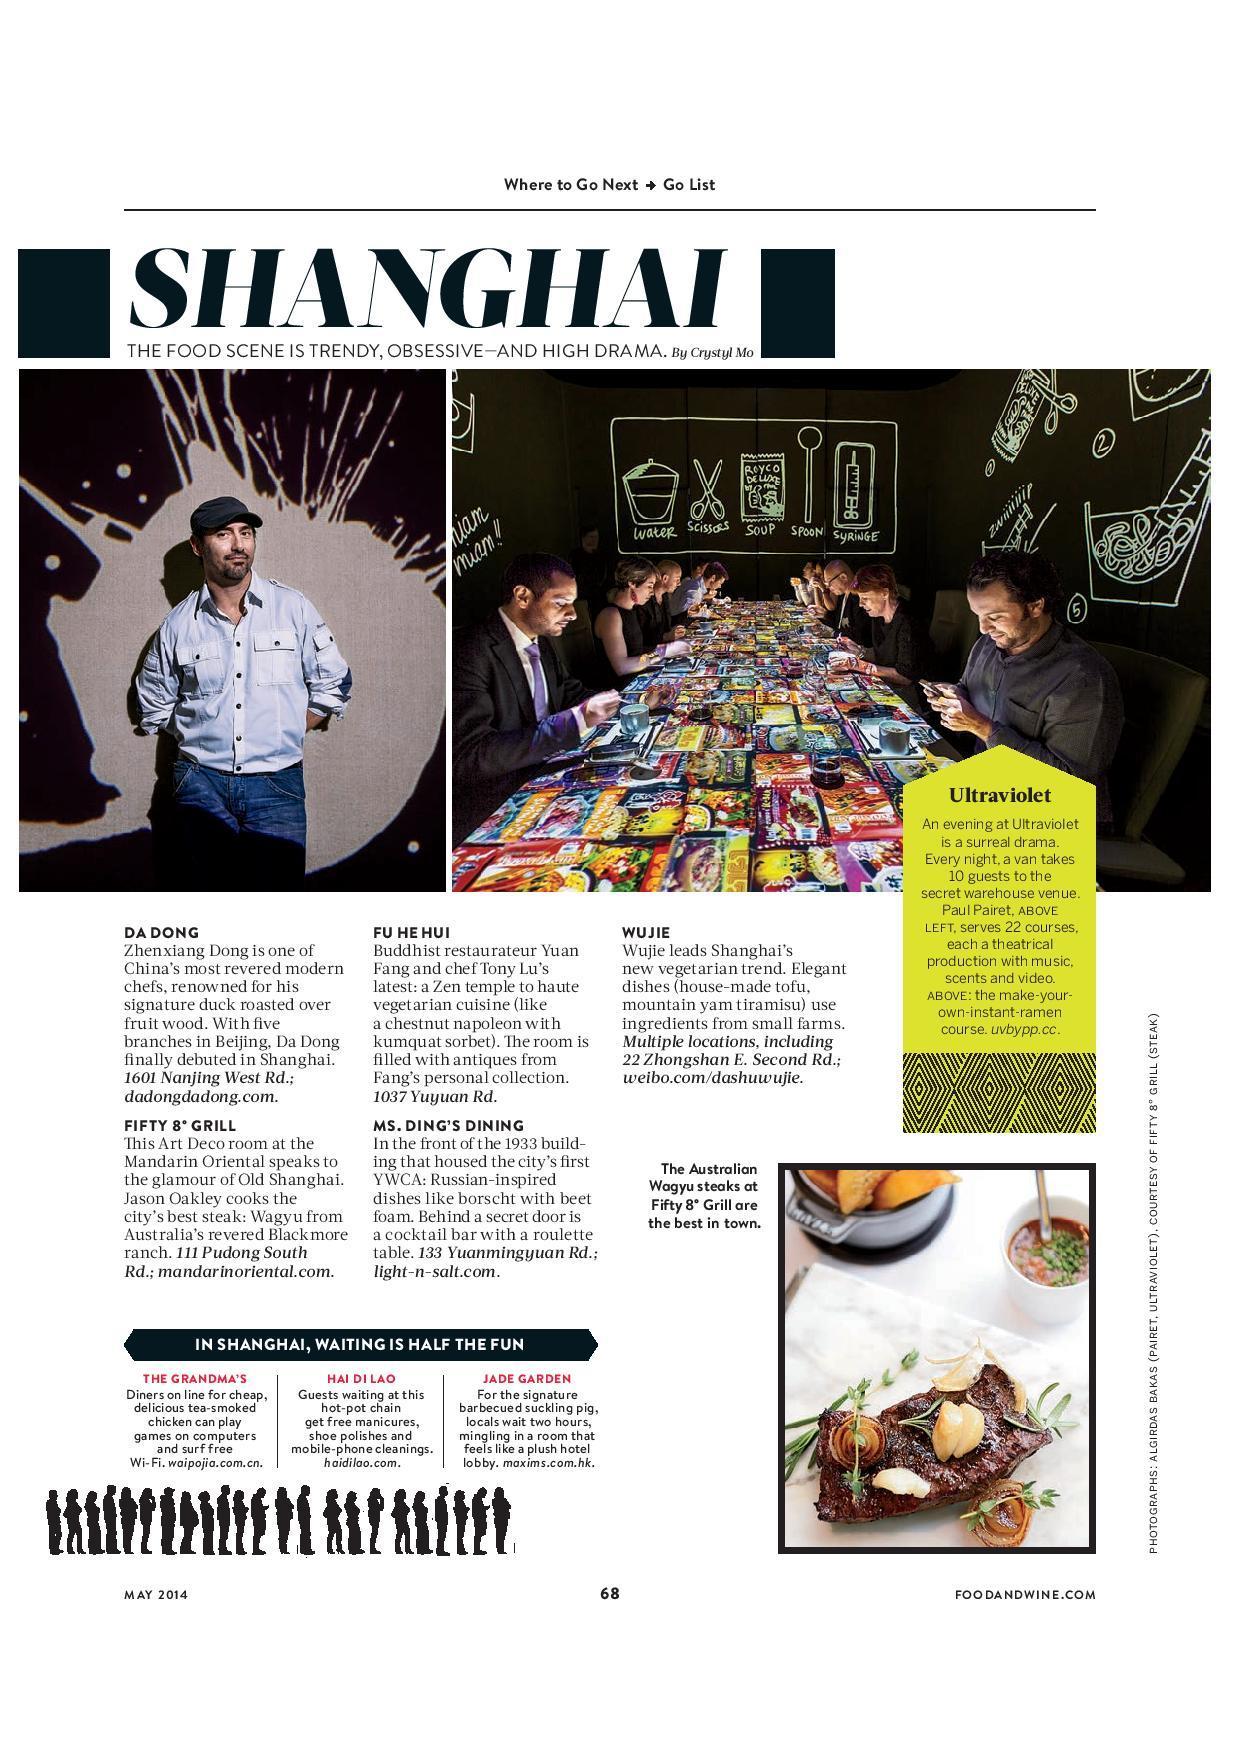 FOOD_WINE-MAY_2014-GO_LIST-2.jpg